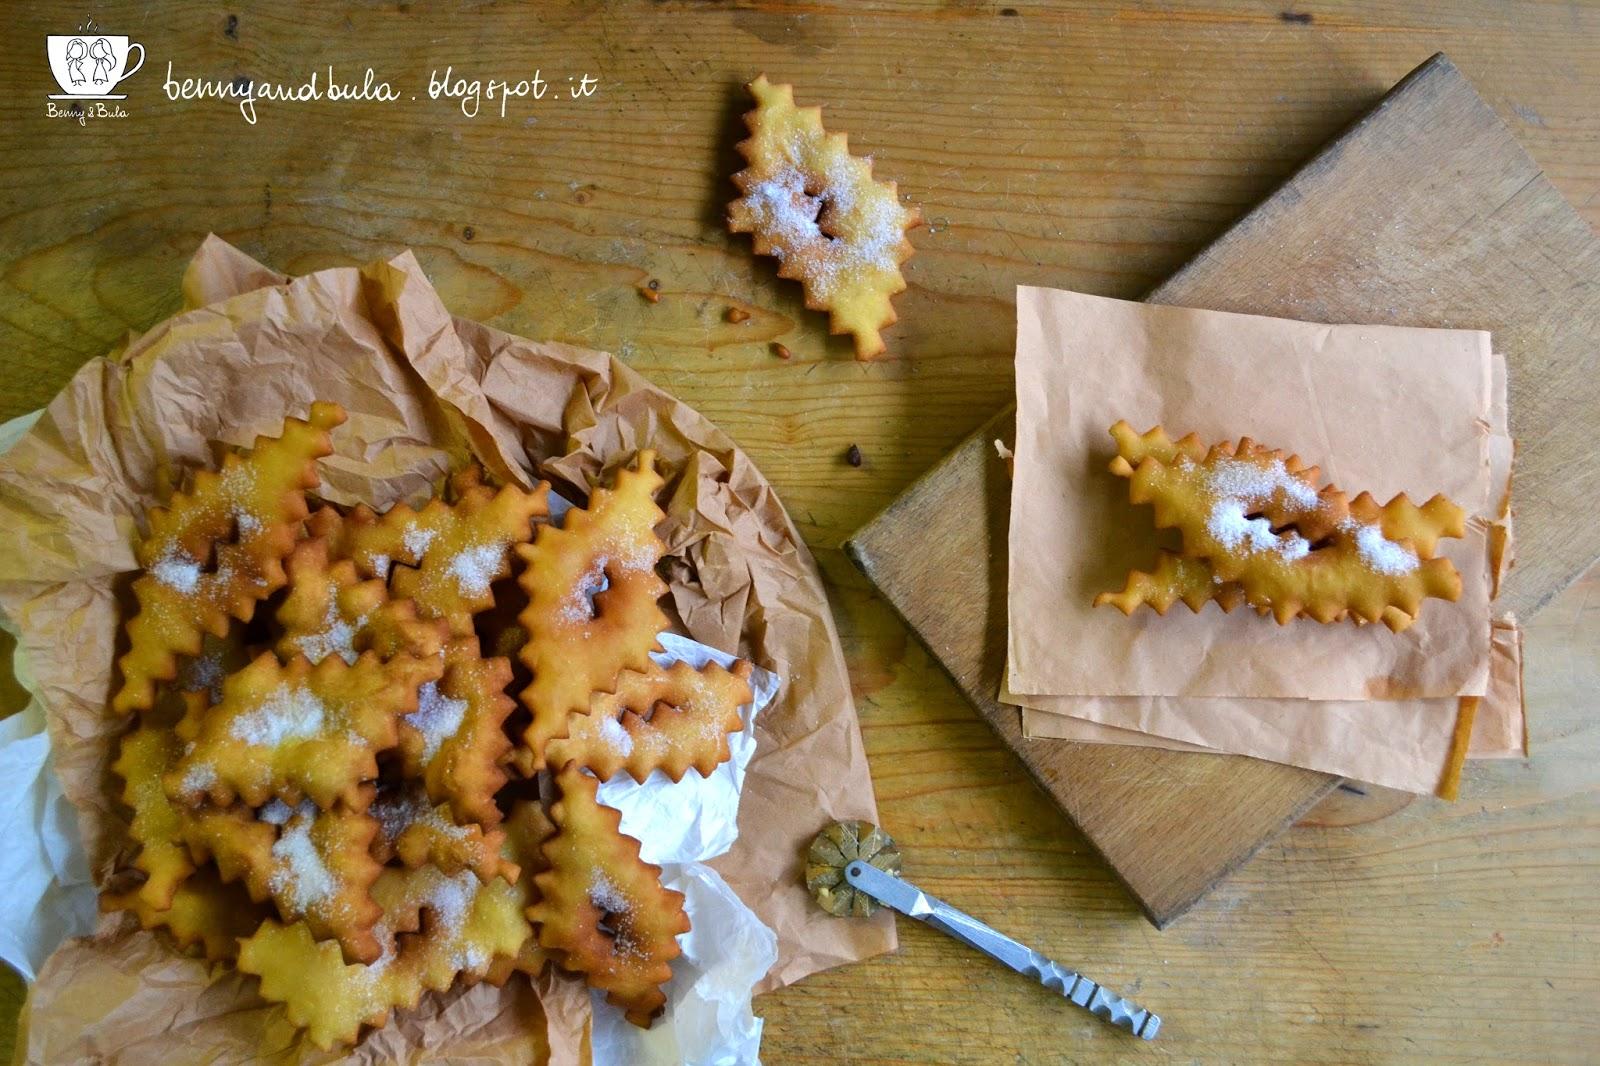 ricetta scazzotti o chiacchiere, dolci fritti tipici di carnevale/ italian carneval fried sweets recipe